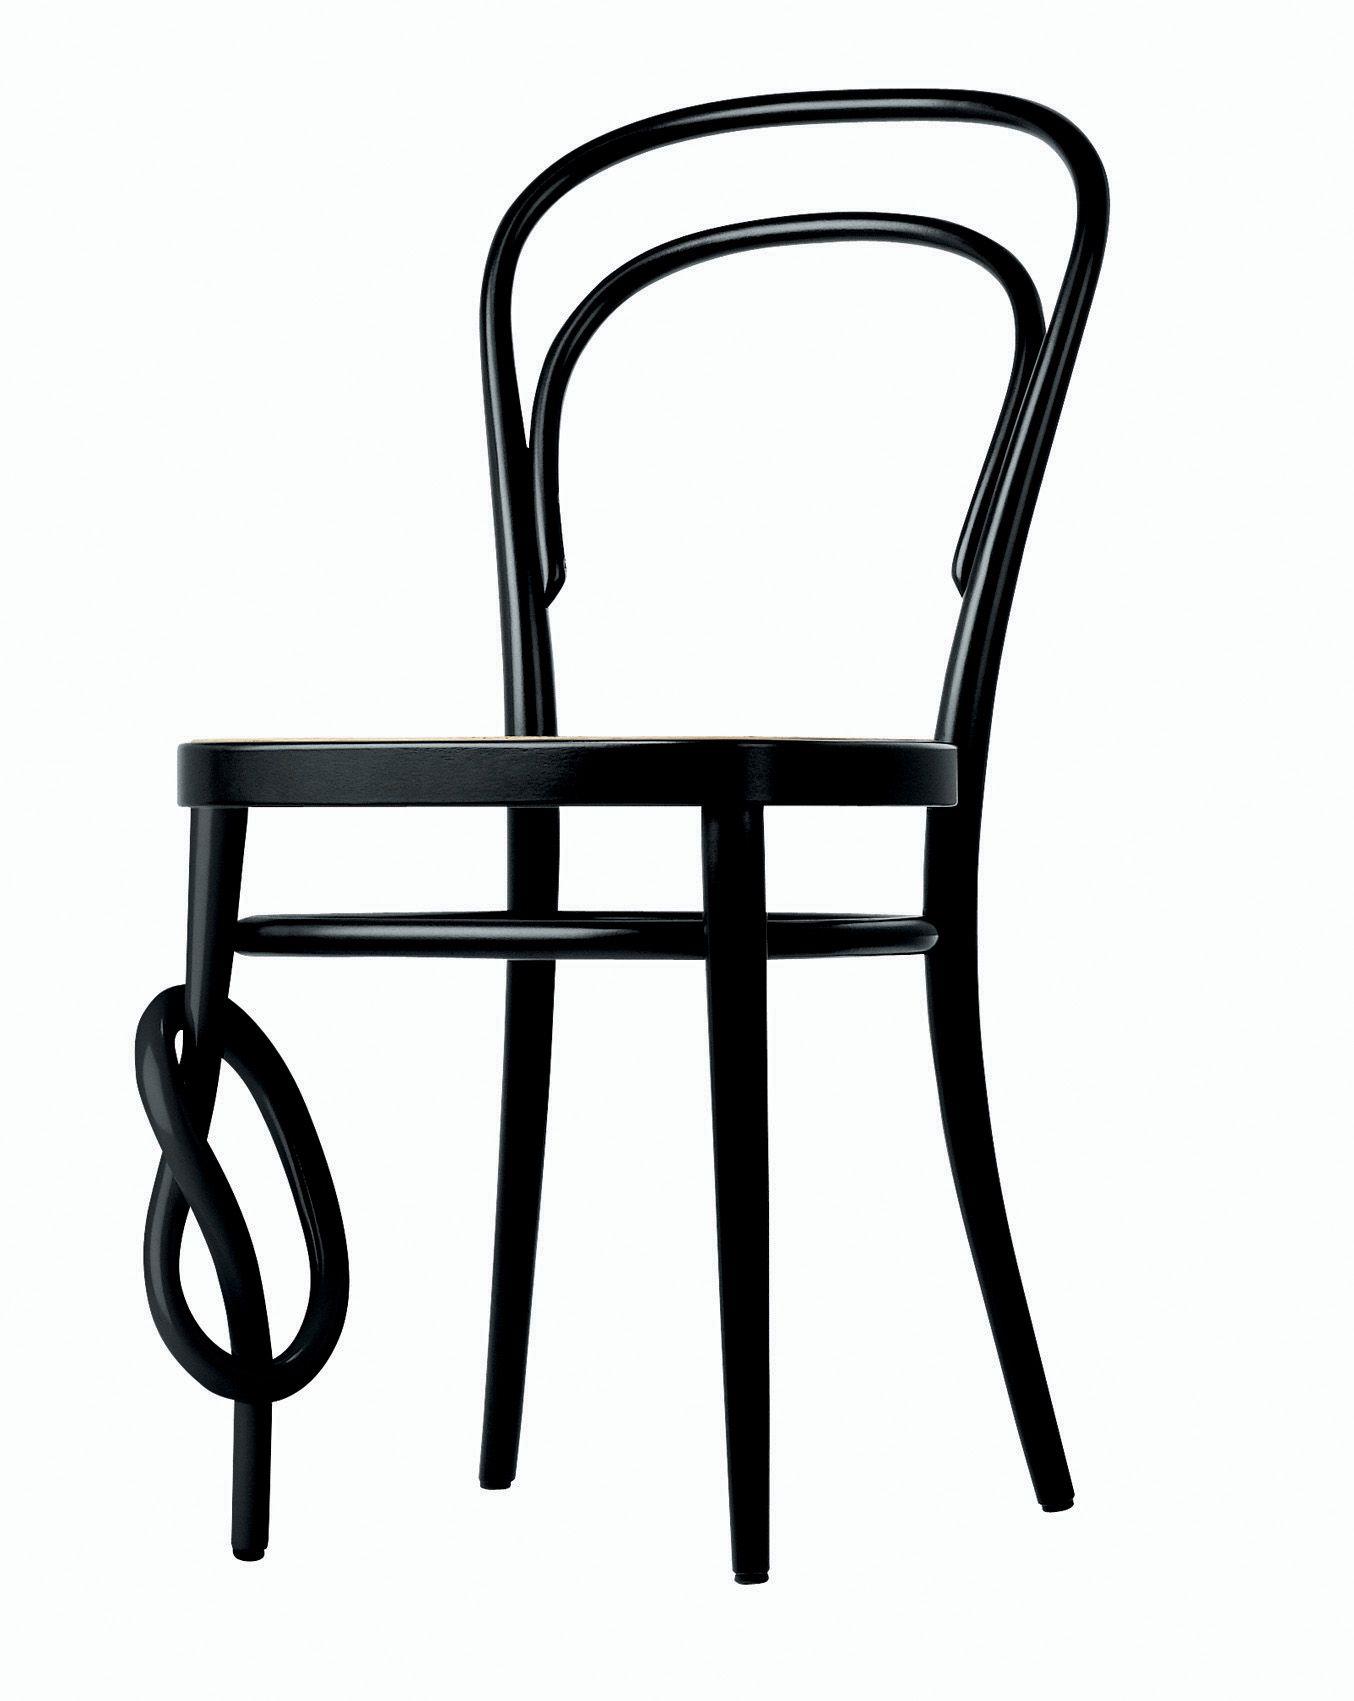 Thonet Stuhl 214 K Bugholzstuhle Thonet Stuhle Stuhle